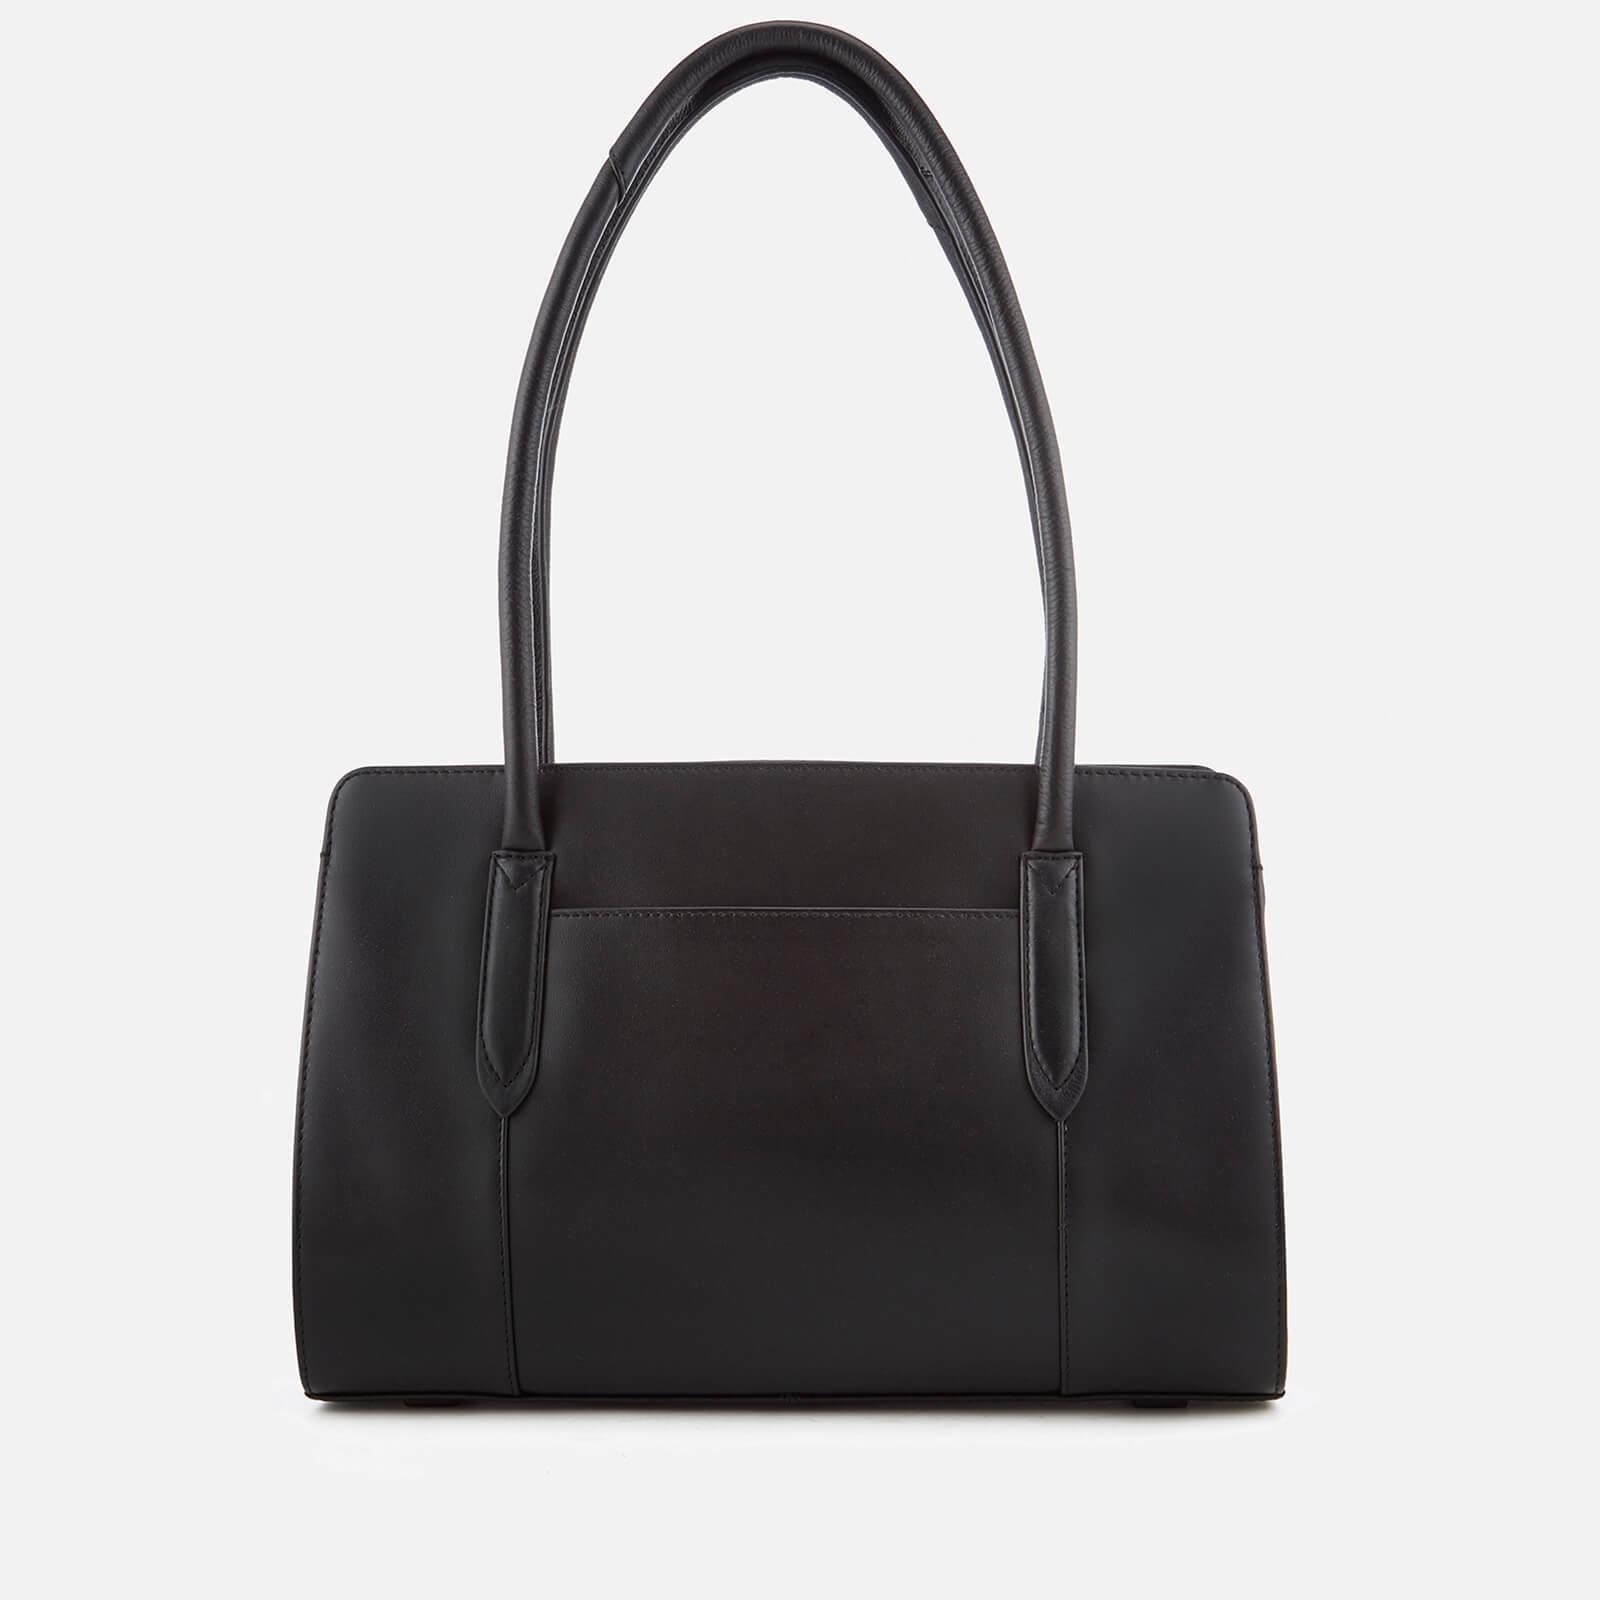 Radley Leather Liverpool St Disc Medium Ziptop Tote Bag in Black